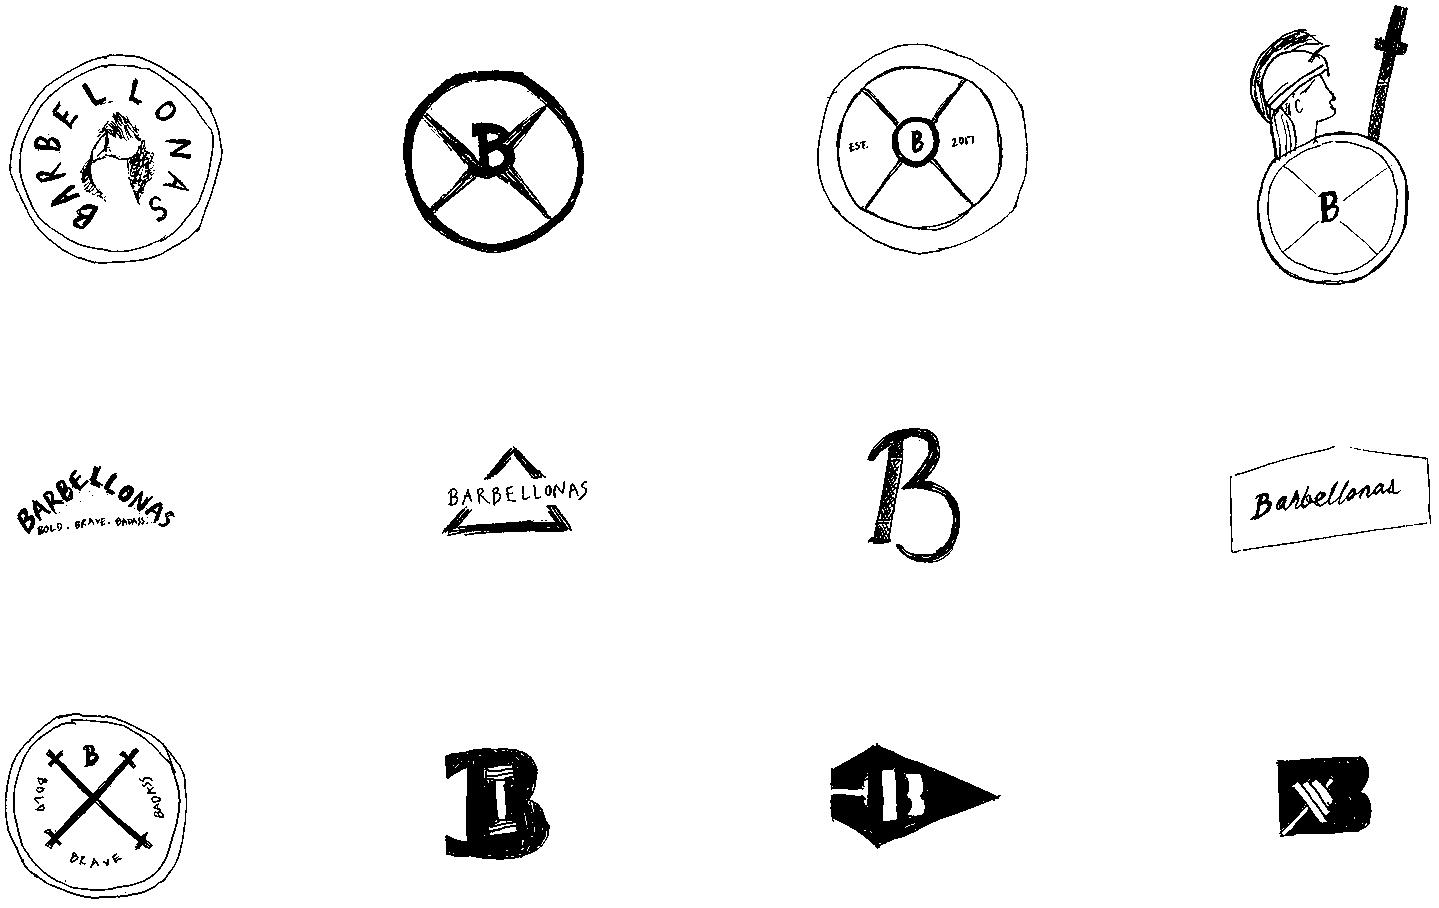 Barbellona logo sketches